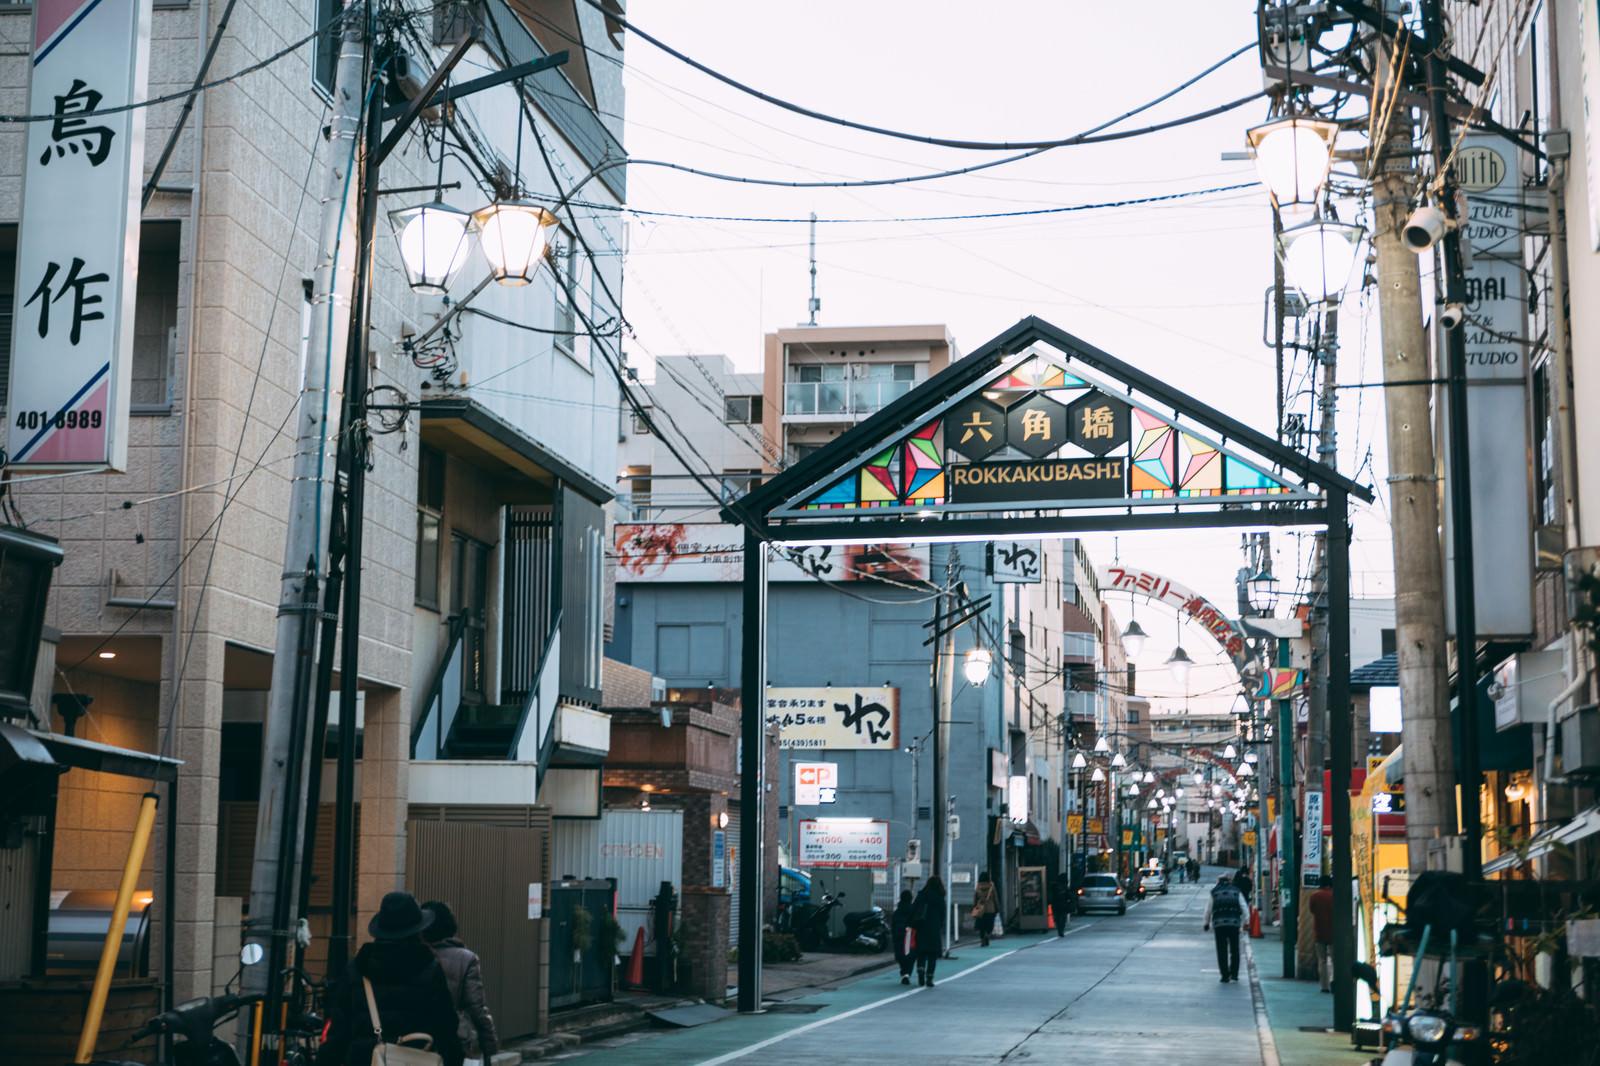 「ふれあいの町 六角橋商店街」の写真